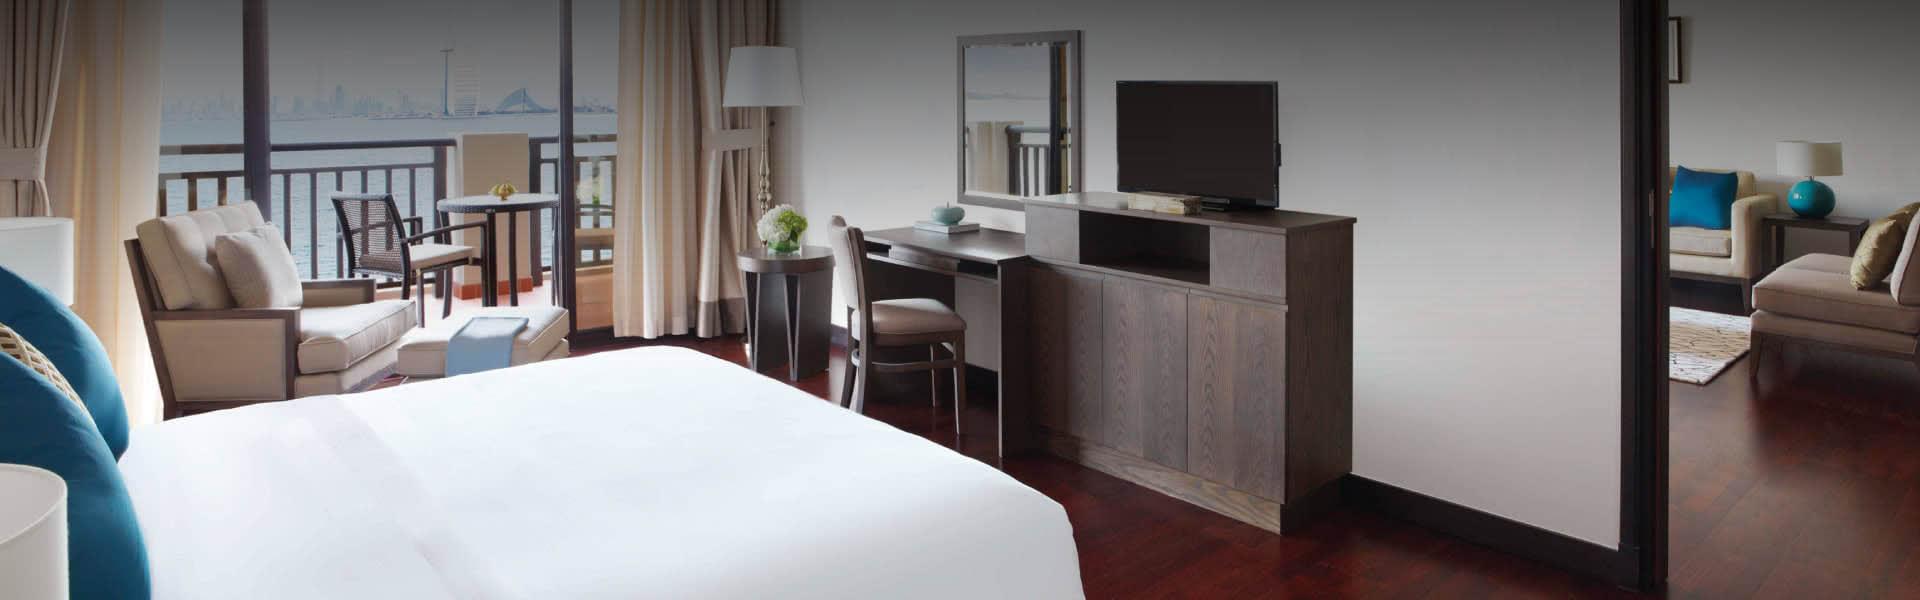 Dubai Residenzen Apartment Mit Einem Schlafzimmer Des Anantara Dubai